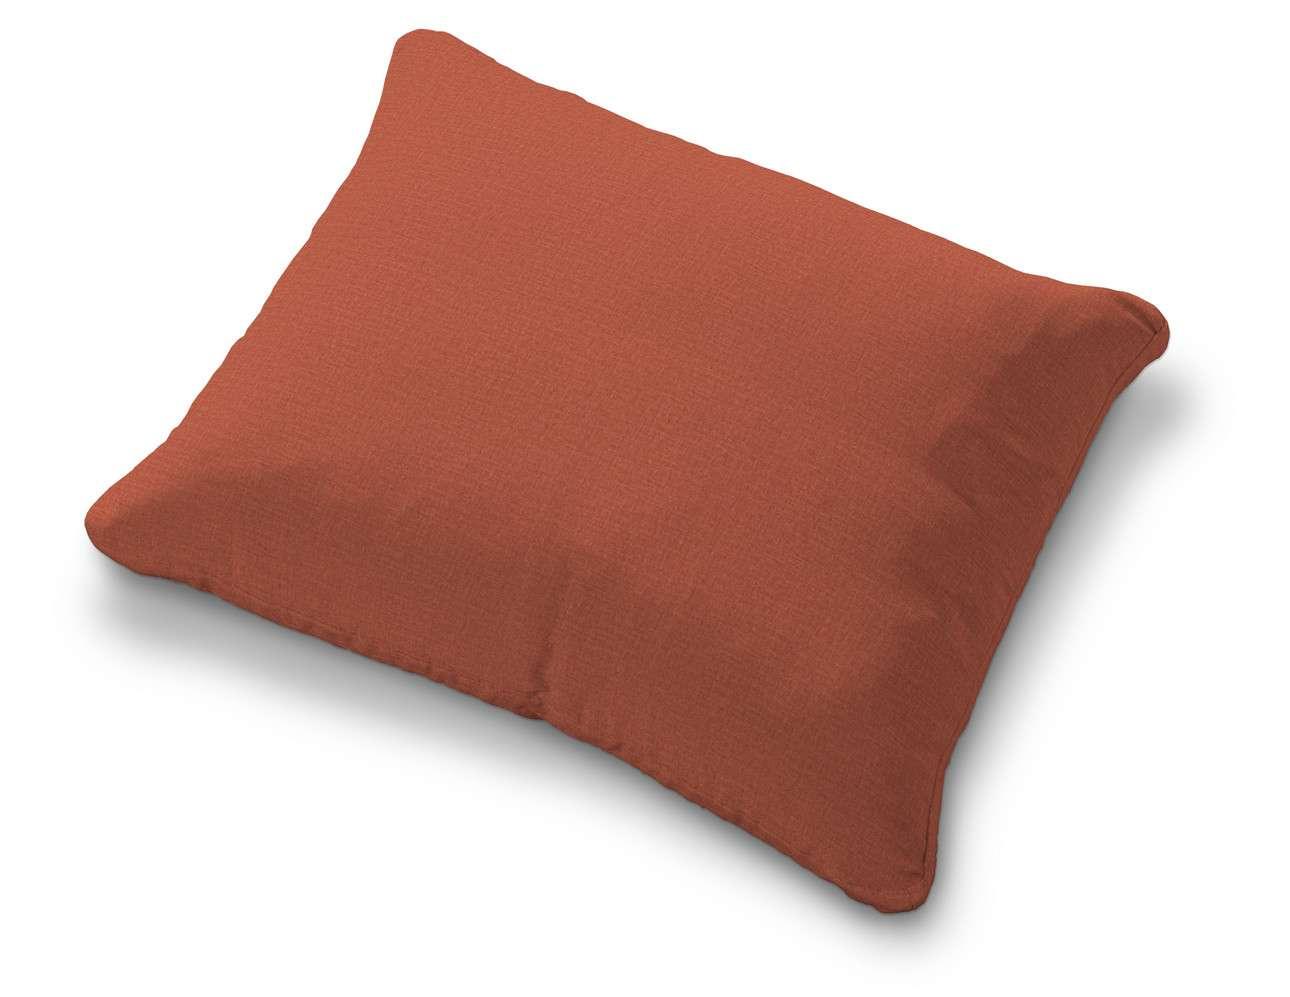 Poszewka na poduszkę Karlstad 58x48cm w kolekcji Ingrid, tkanina: 705-37